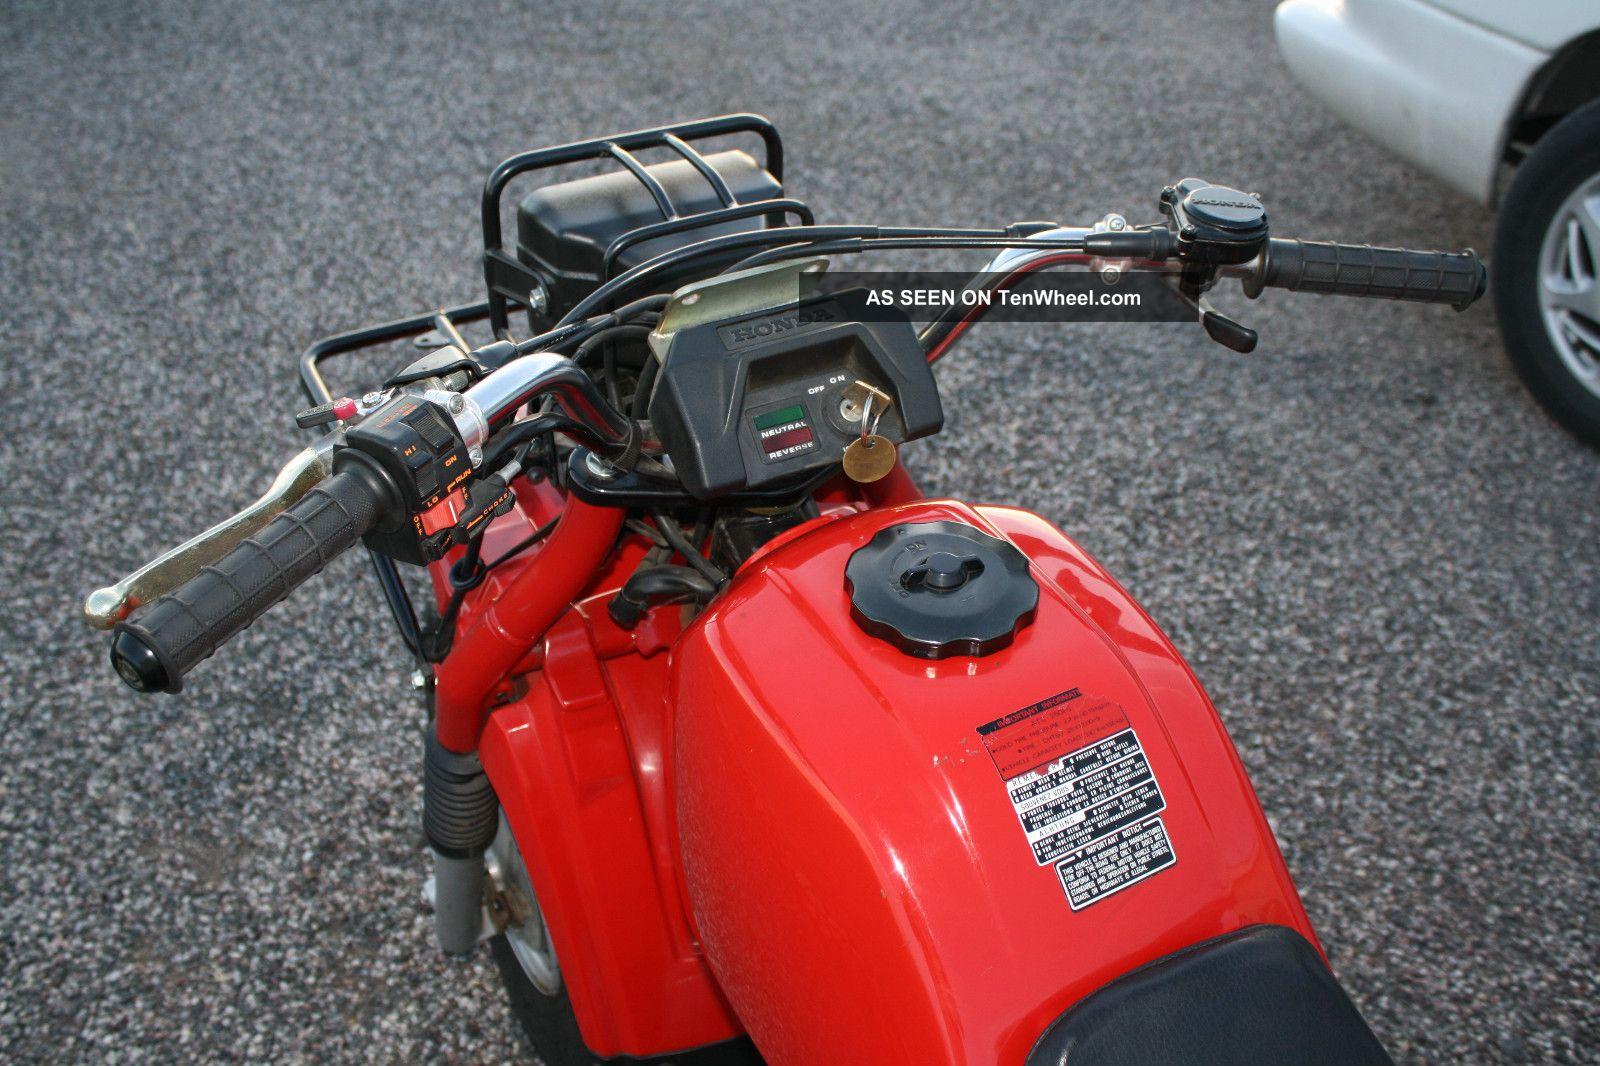 1985 honda 250es big red honda big red 250es service manual pdf honda big red 1984 service manual